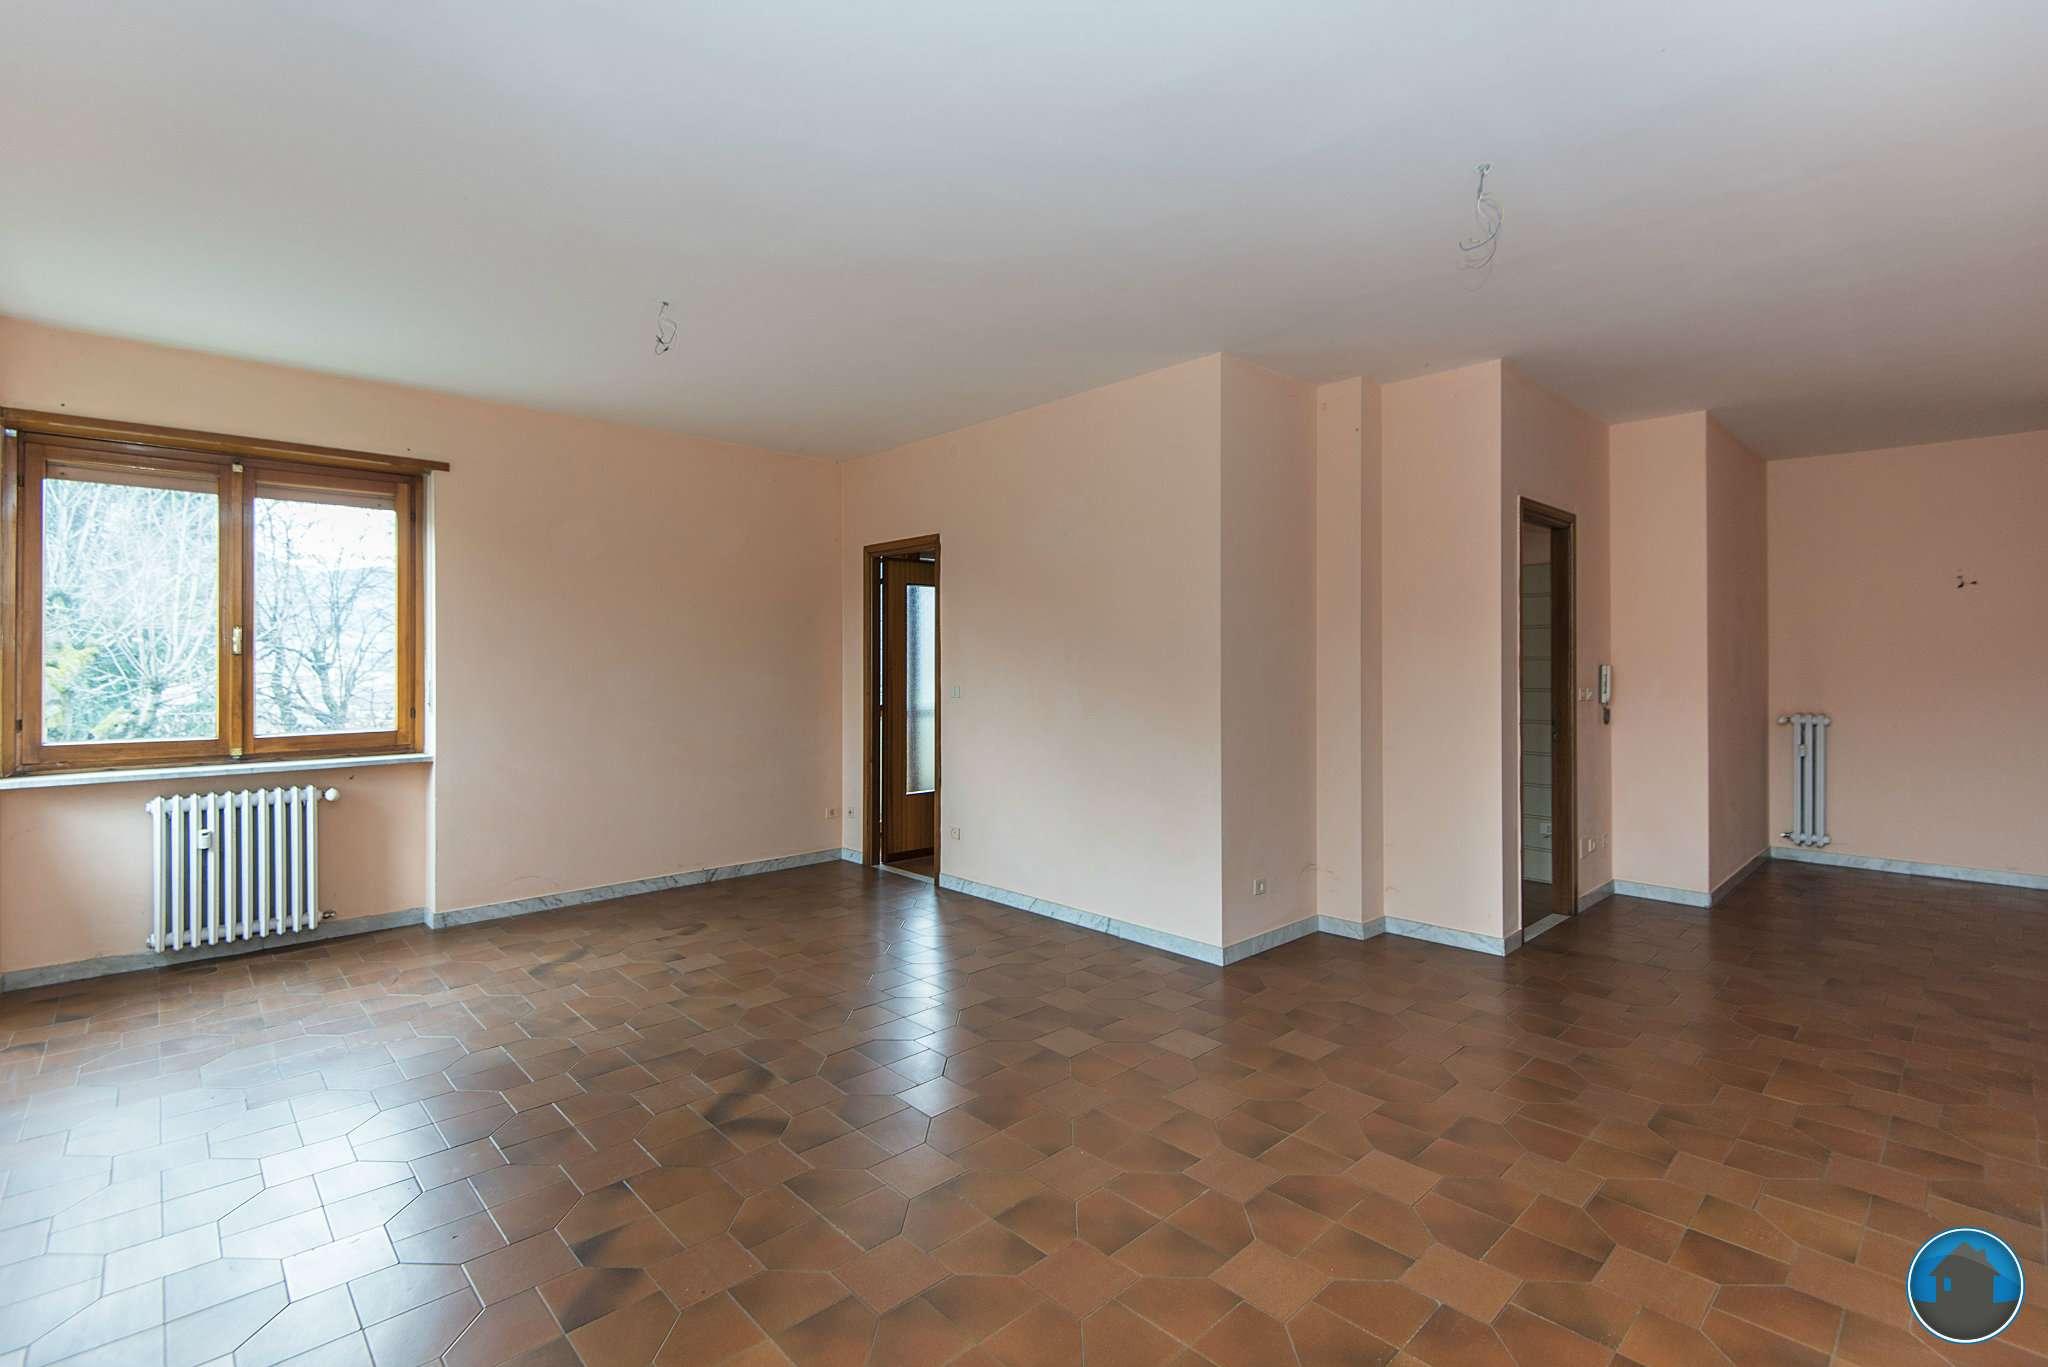 Appartamento in vendita a Barge, 4 locali, prezzo € 137.000 | Cambio Casa.it